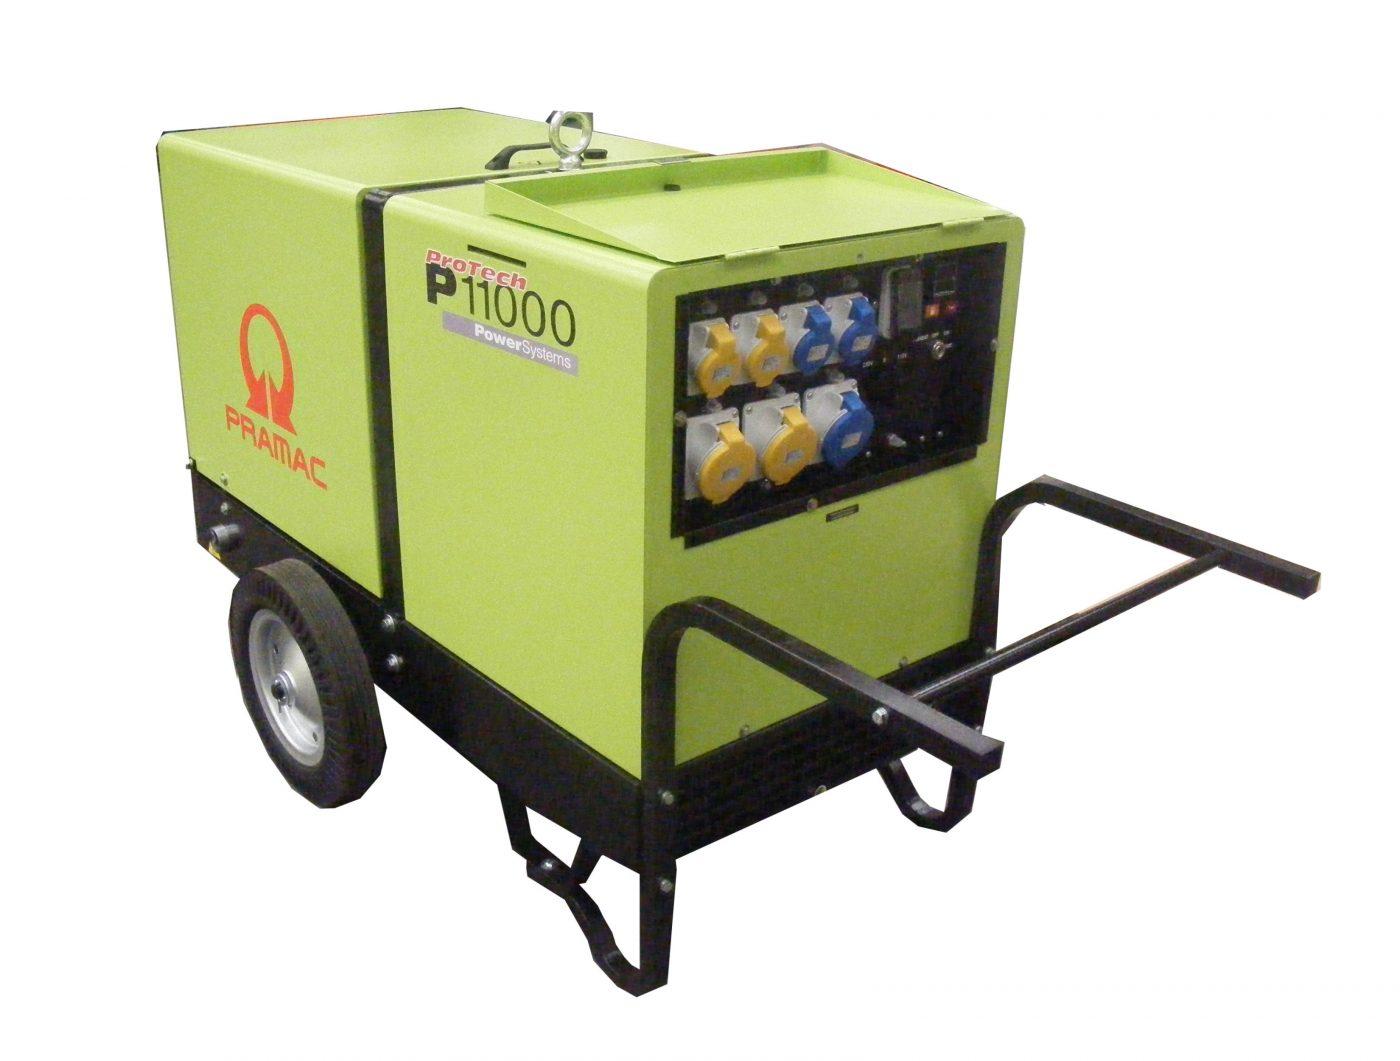 Pramac Portable Generators